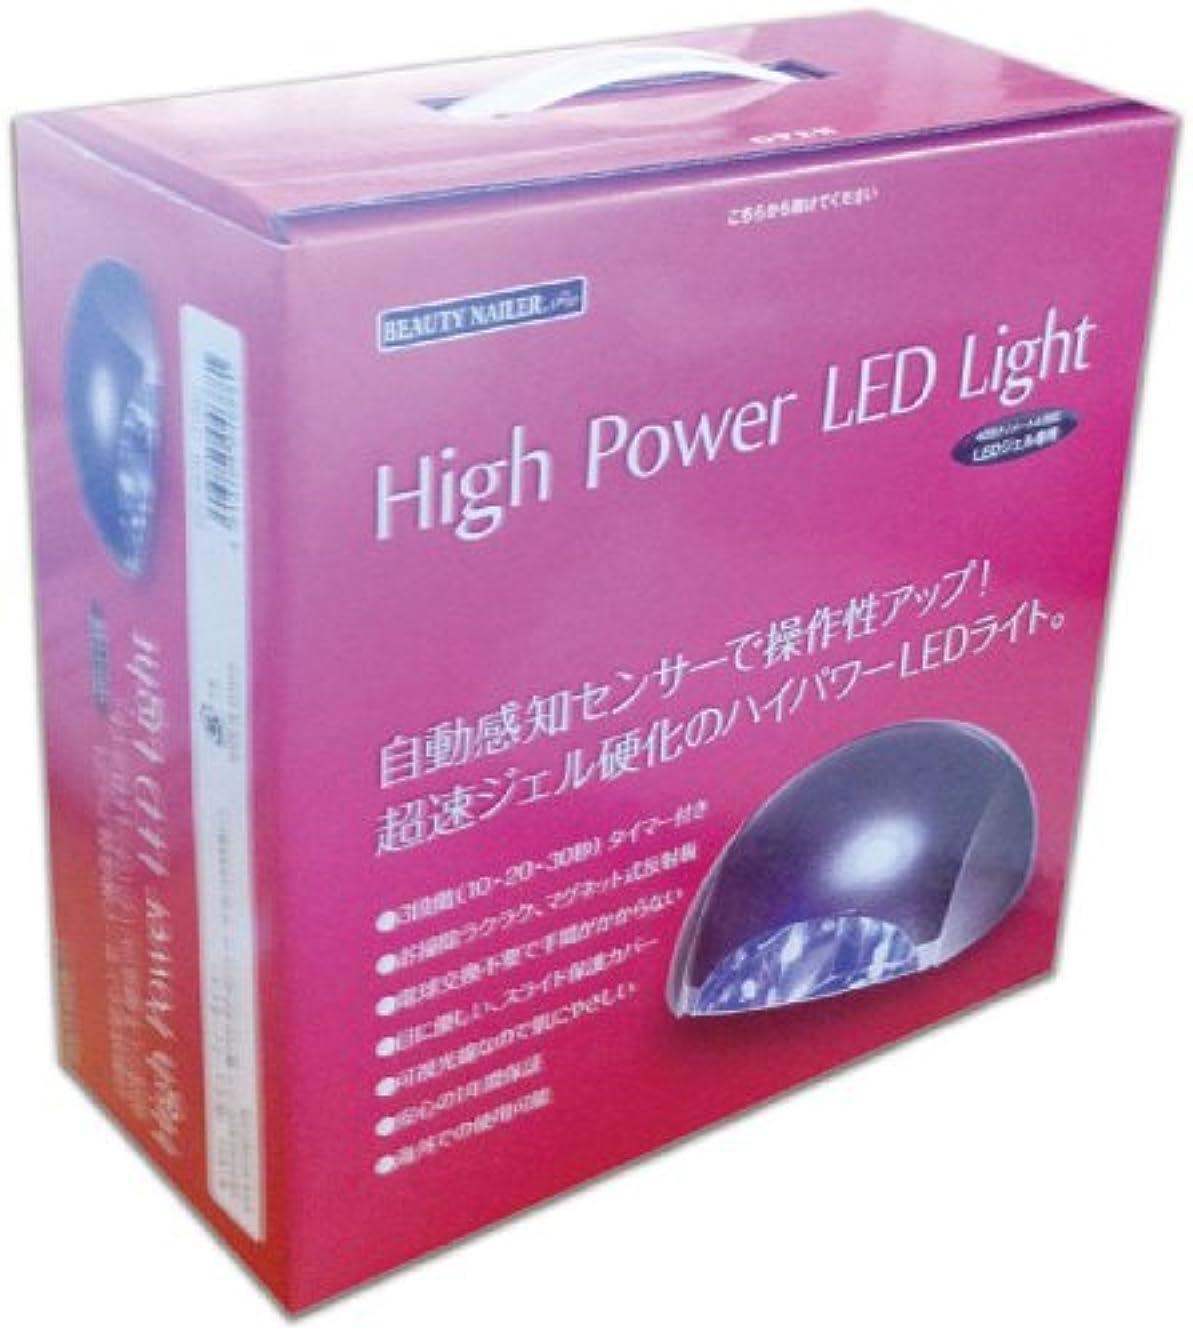 退却出席幻想ビューティーネイラー ハイパワーLEDライト HPL-40GB パールブラック